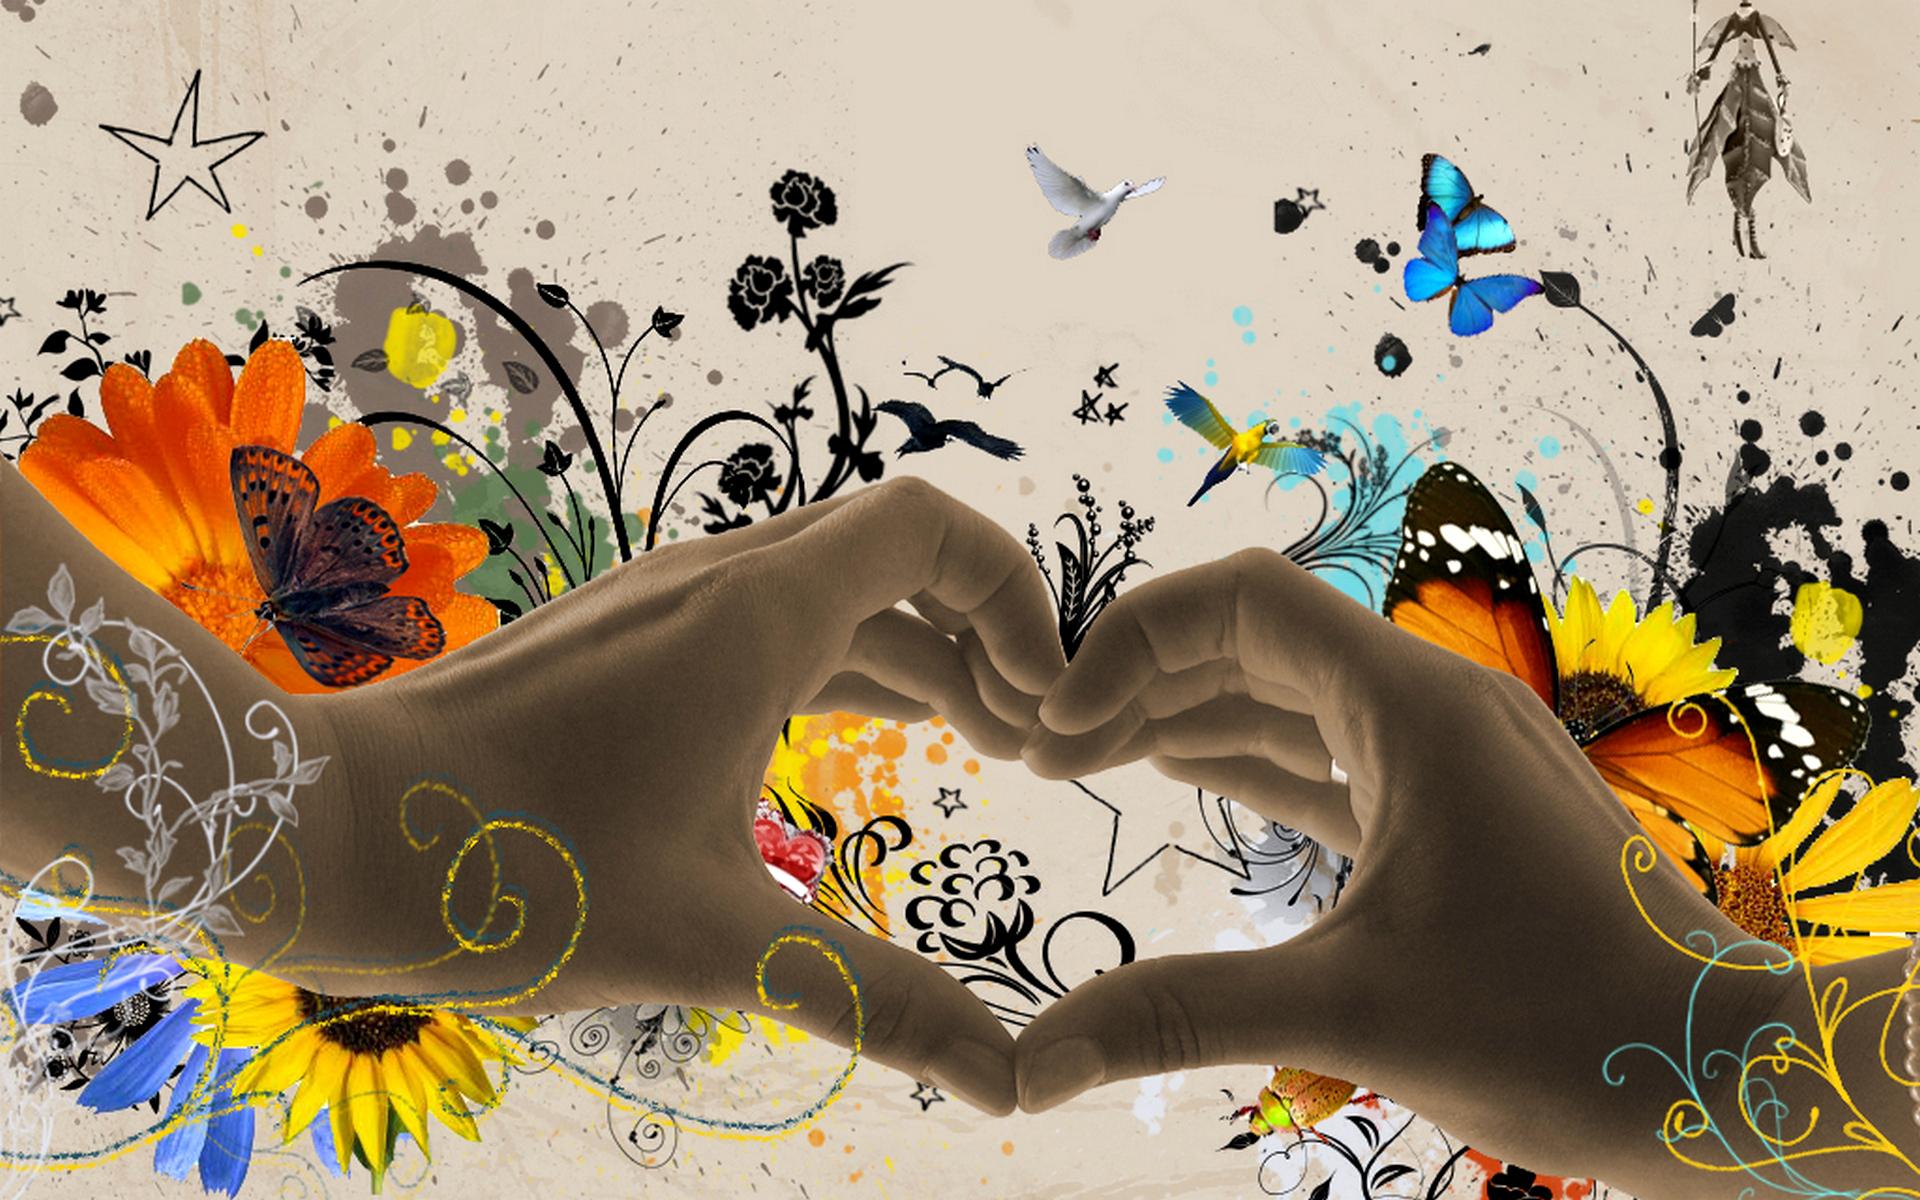 Позитивные картинки с надписями любовь, маме открытку днем